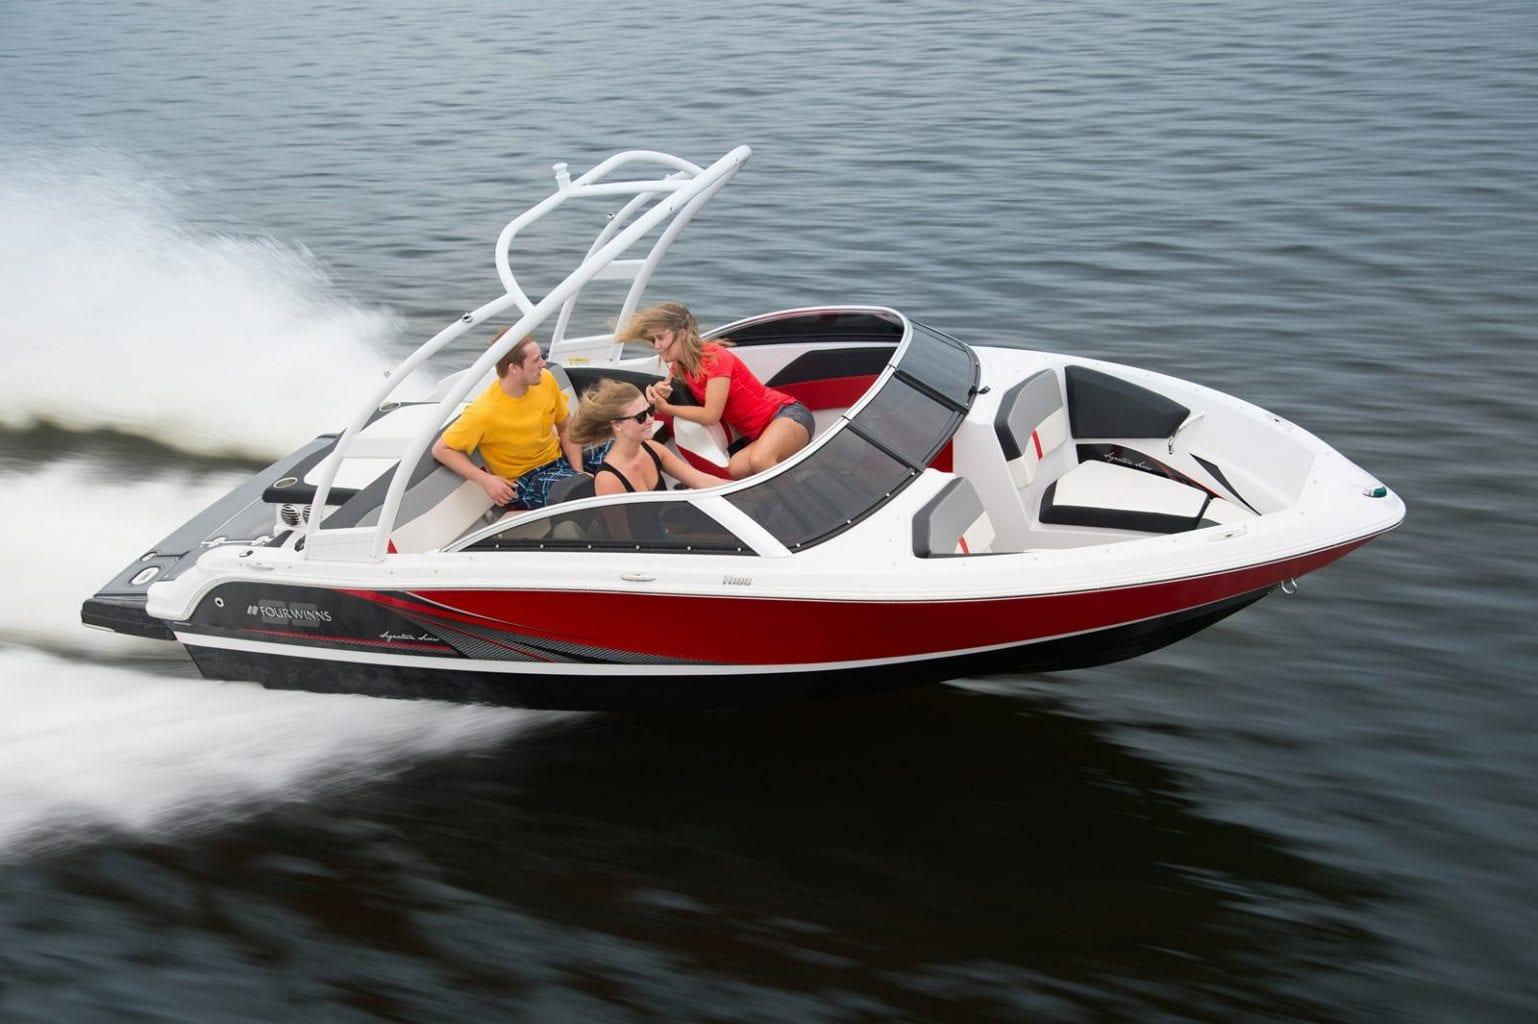 סירת ספורט דגם Four Winns 180 - סטרים יאכטות - סירת ספורט דגם Four Winns 180 - סטרים יאכטות